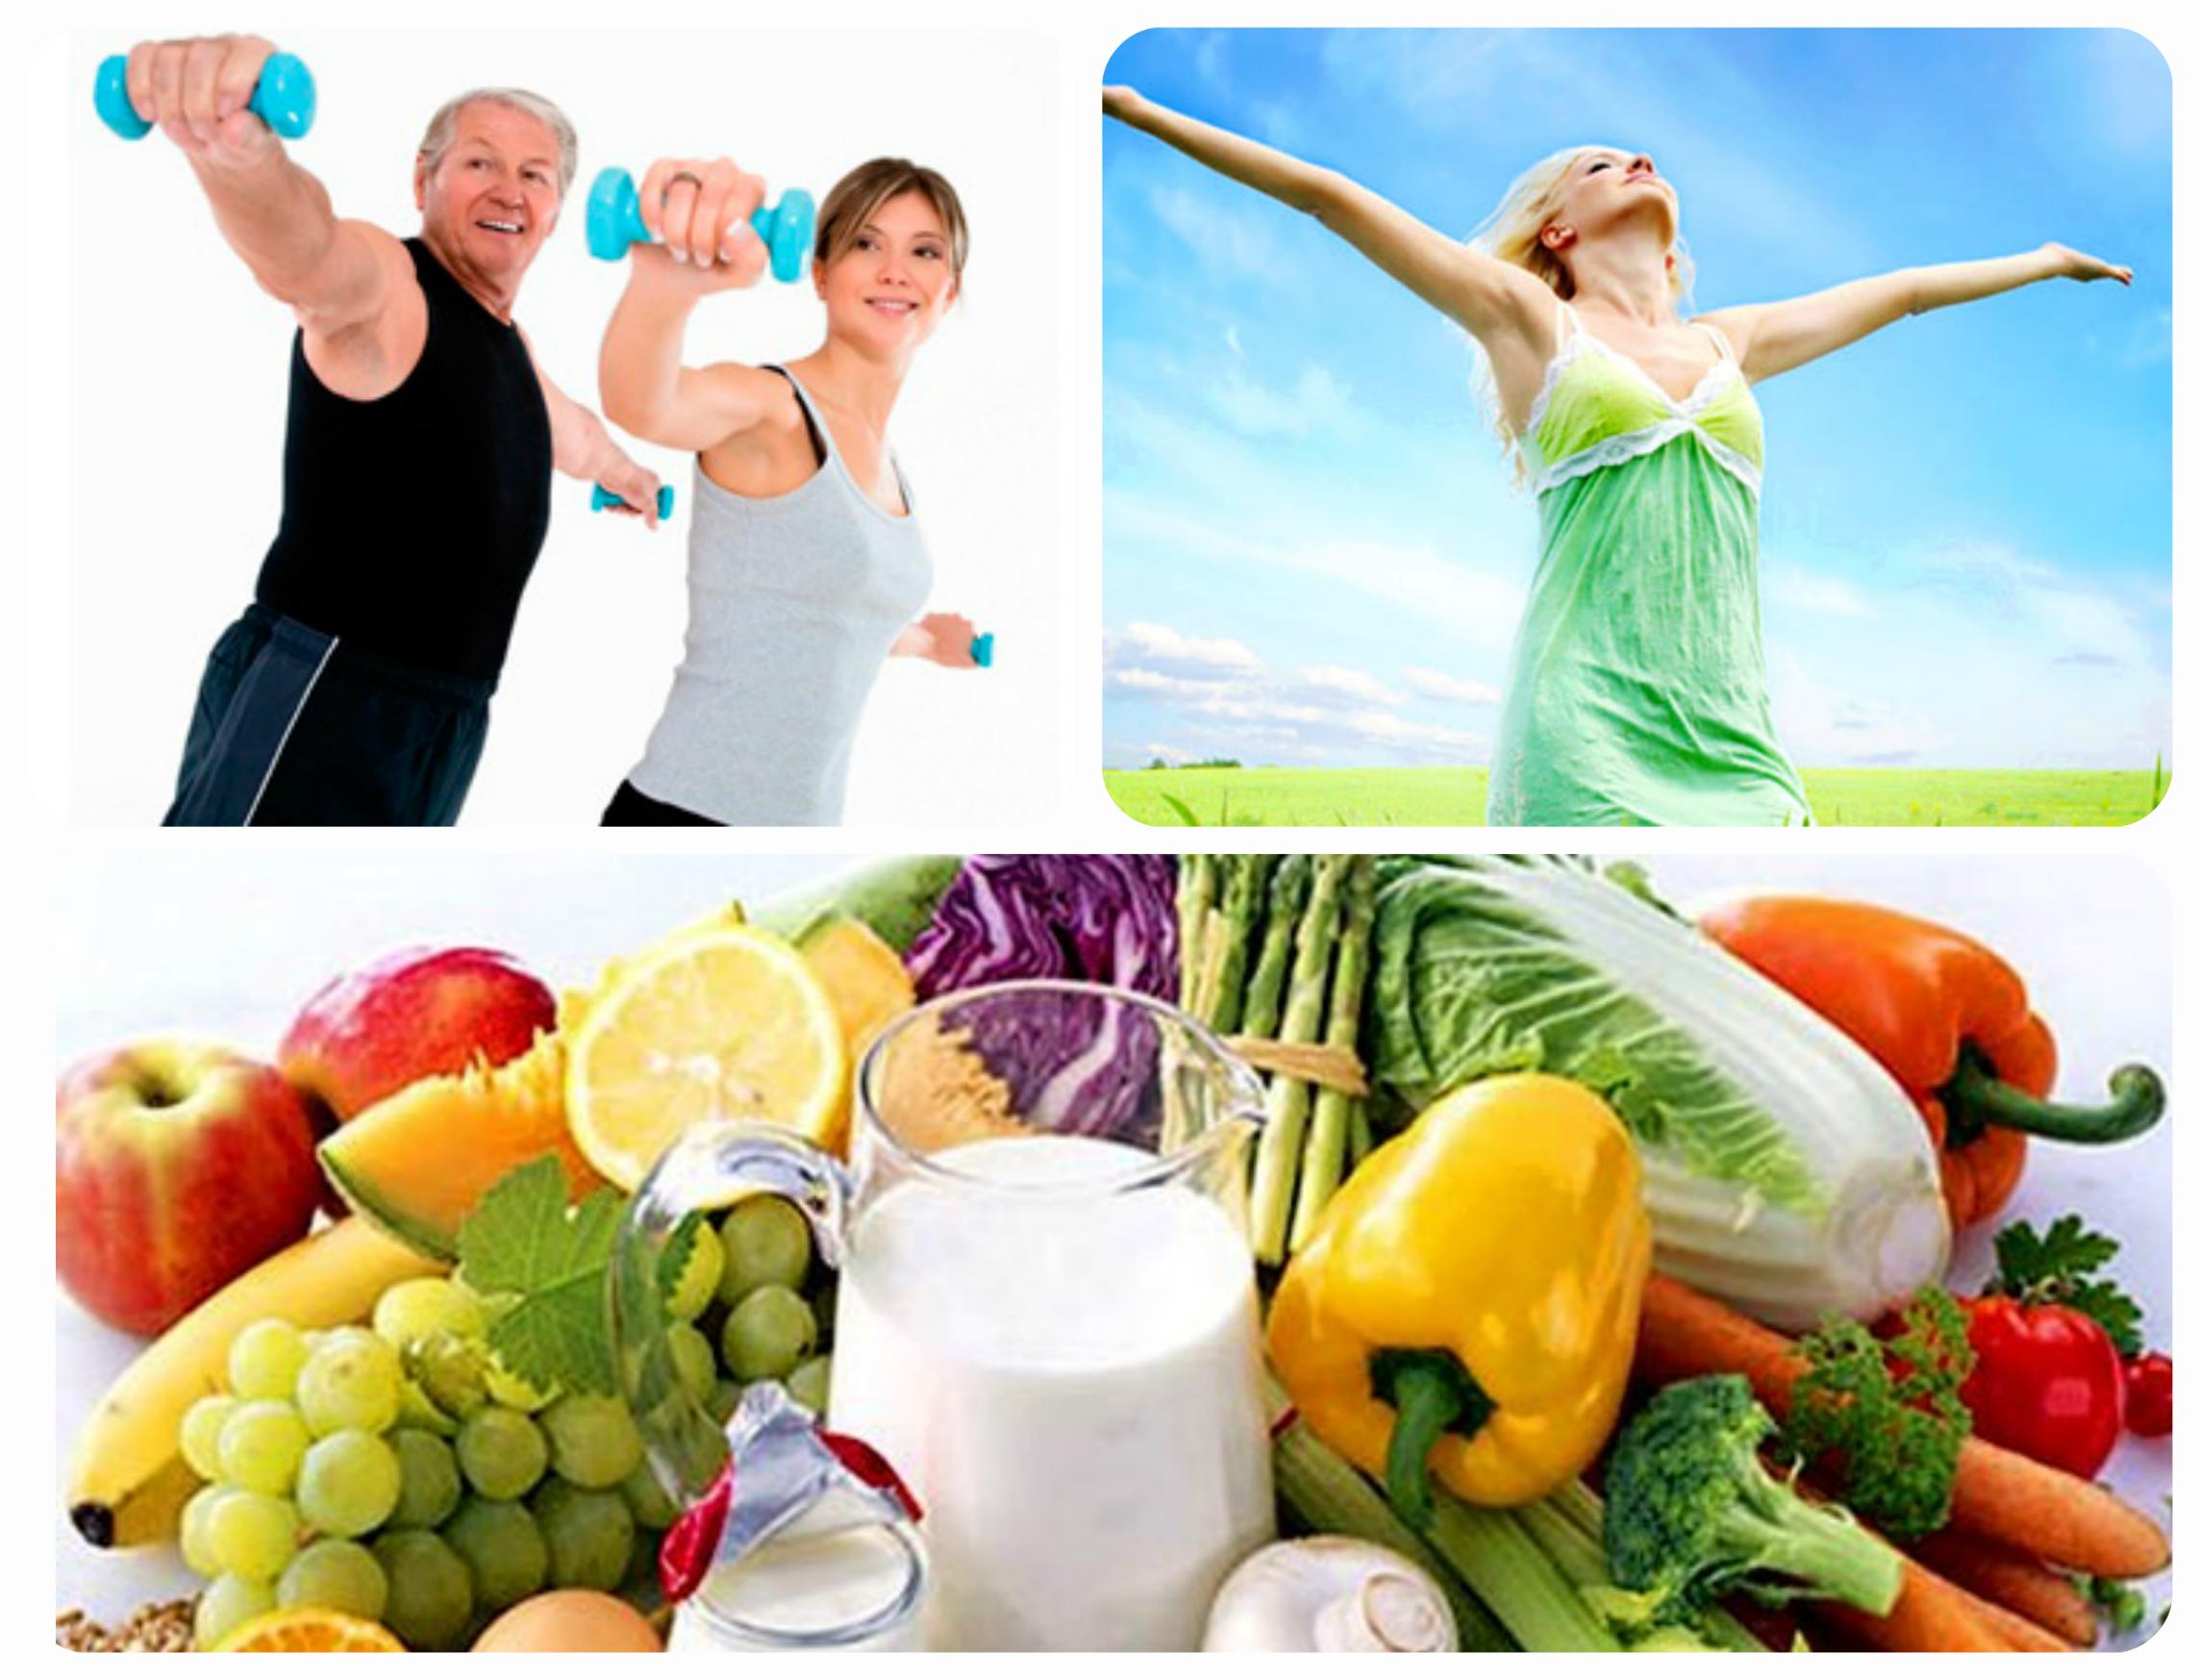 физические нагрузки,свежий воздух,молочно-растительная диета